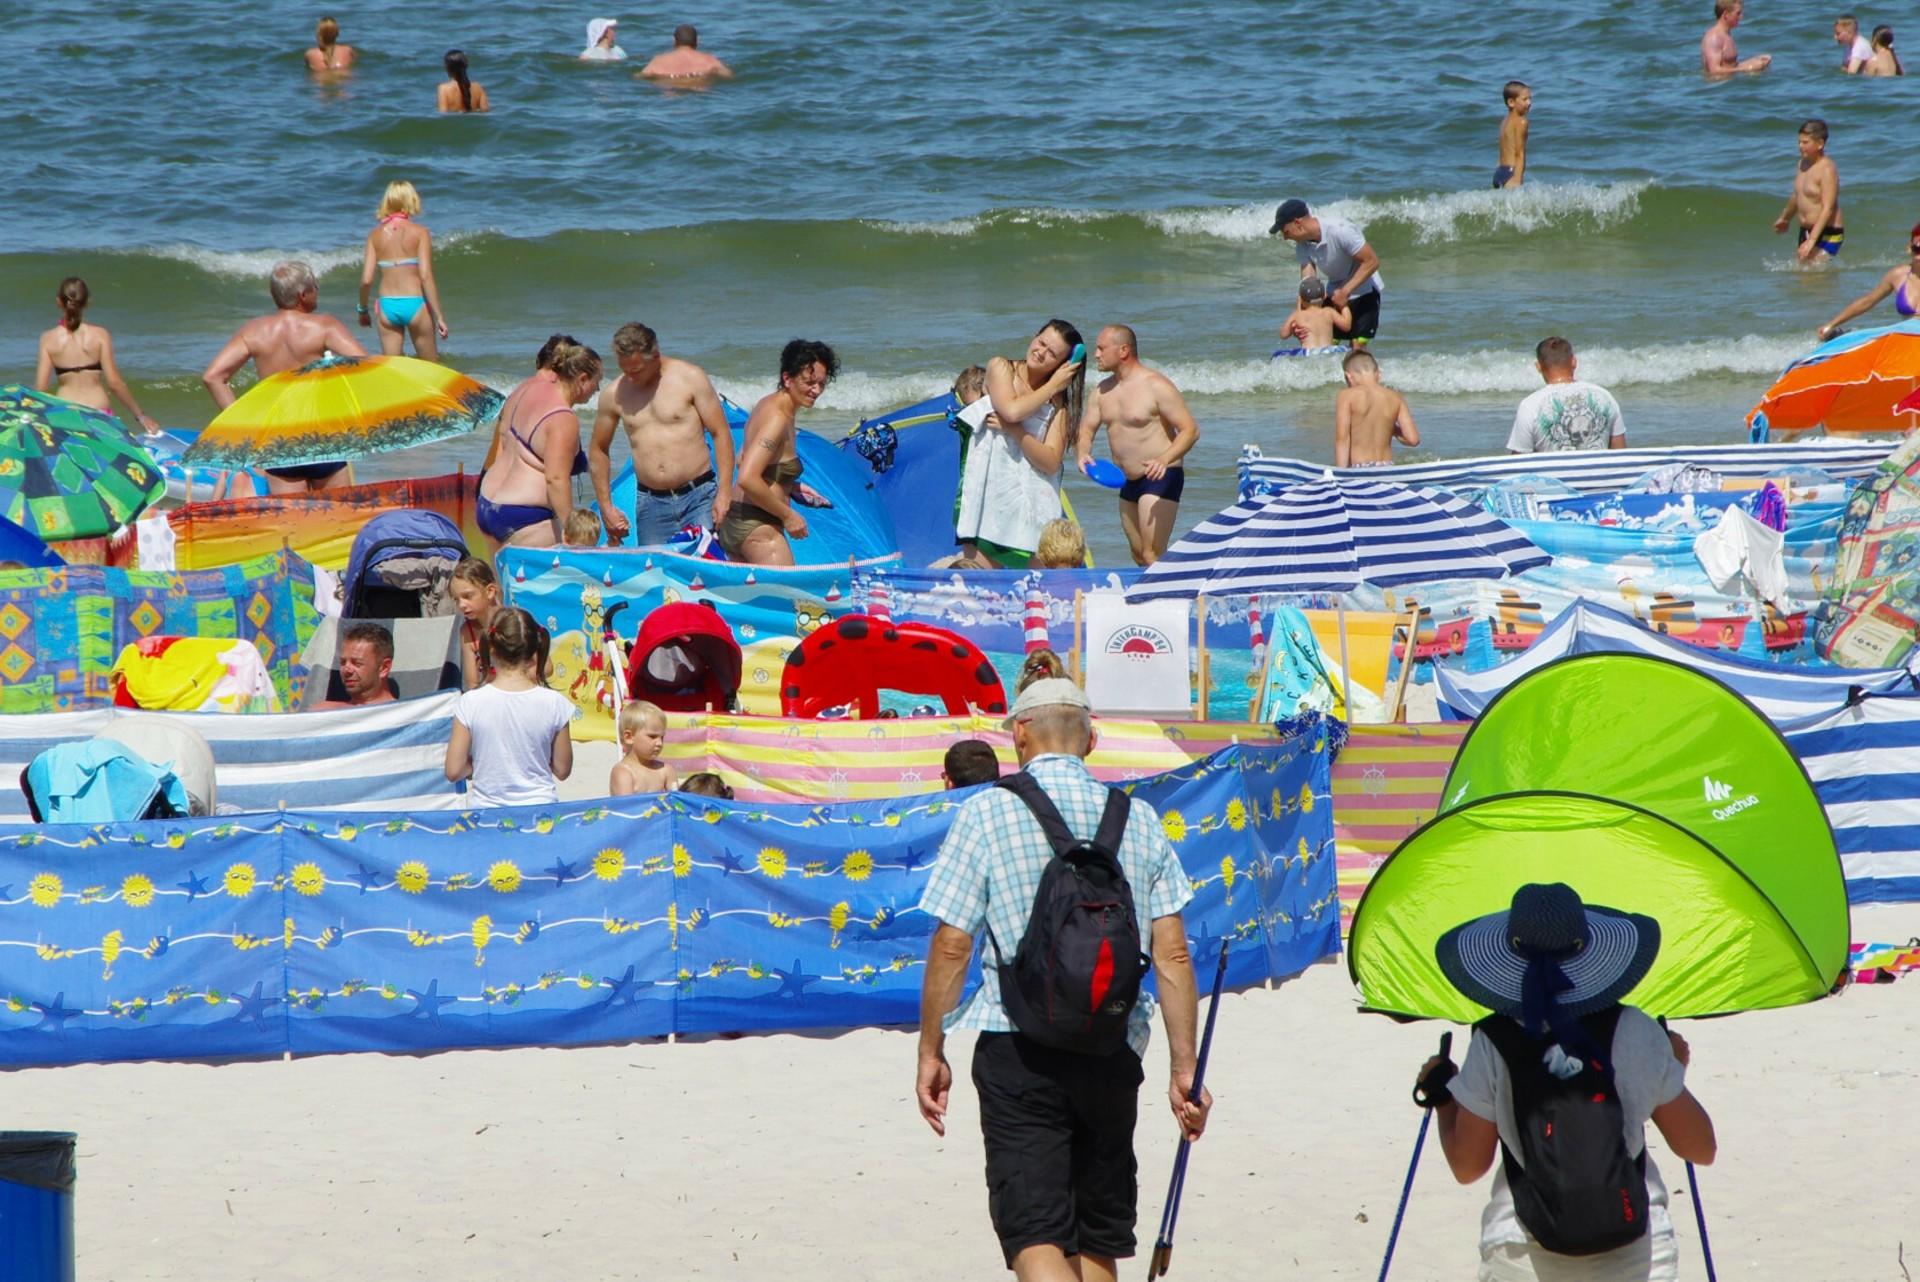 Na plażach obowiązuje zakaz picia napojów procentowych